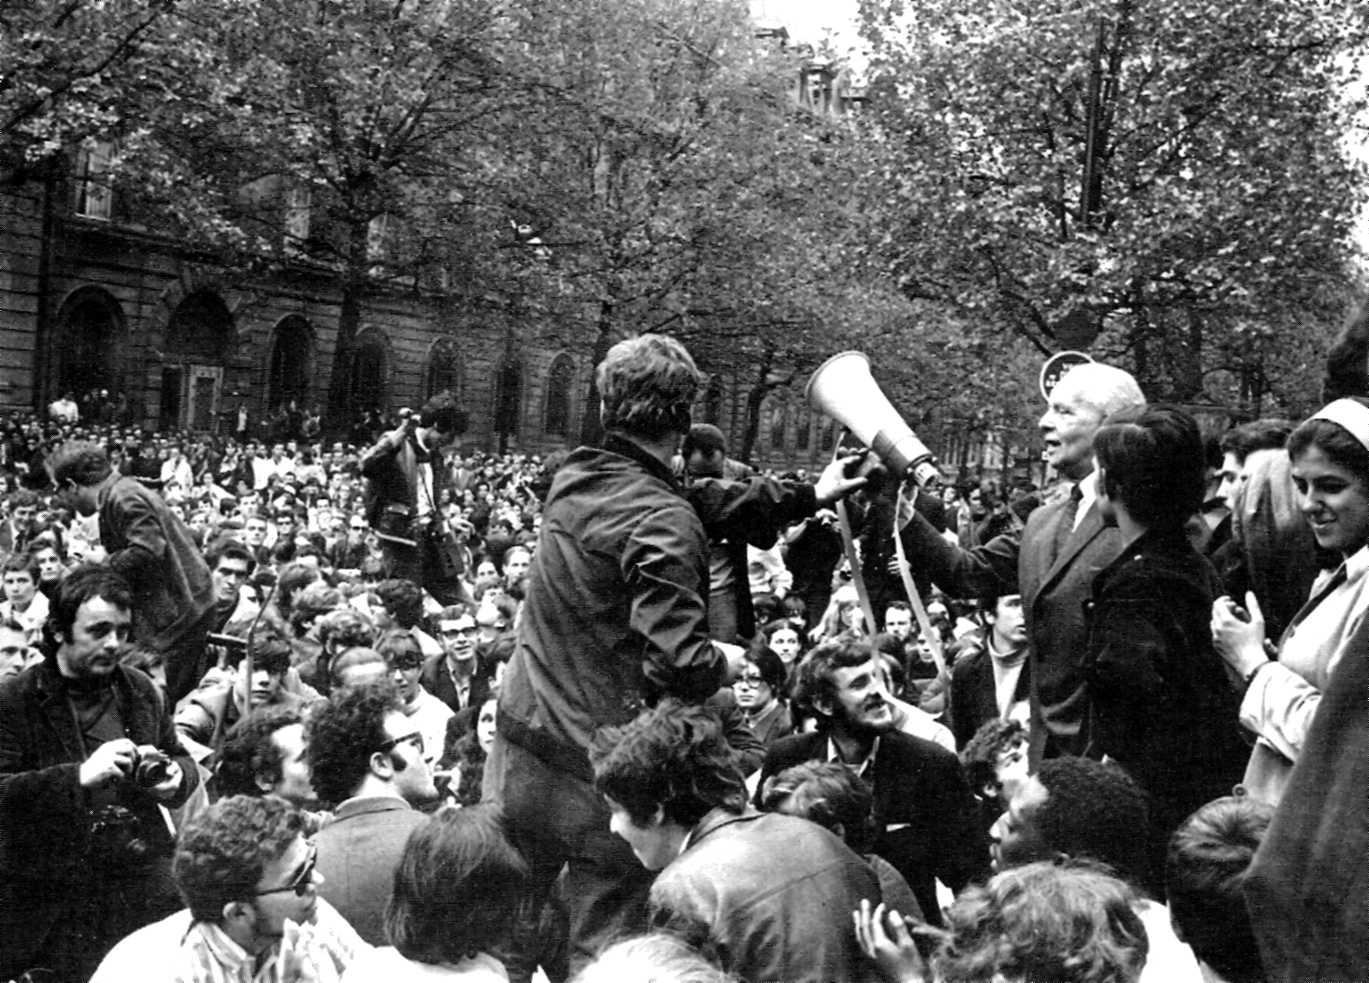 Louis Aragon passa el megàfon a Daniel Cohn-Bendit (Bulevard Saint-Michel, 9 de maig de 1968)